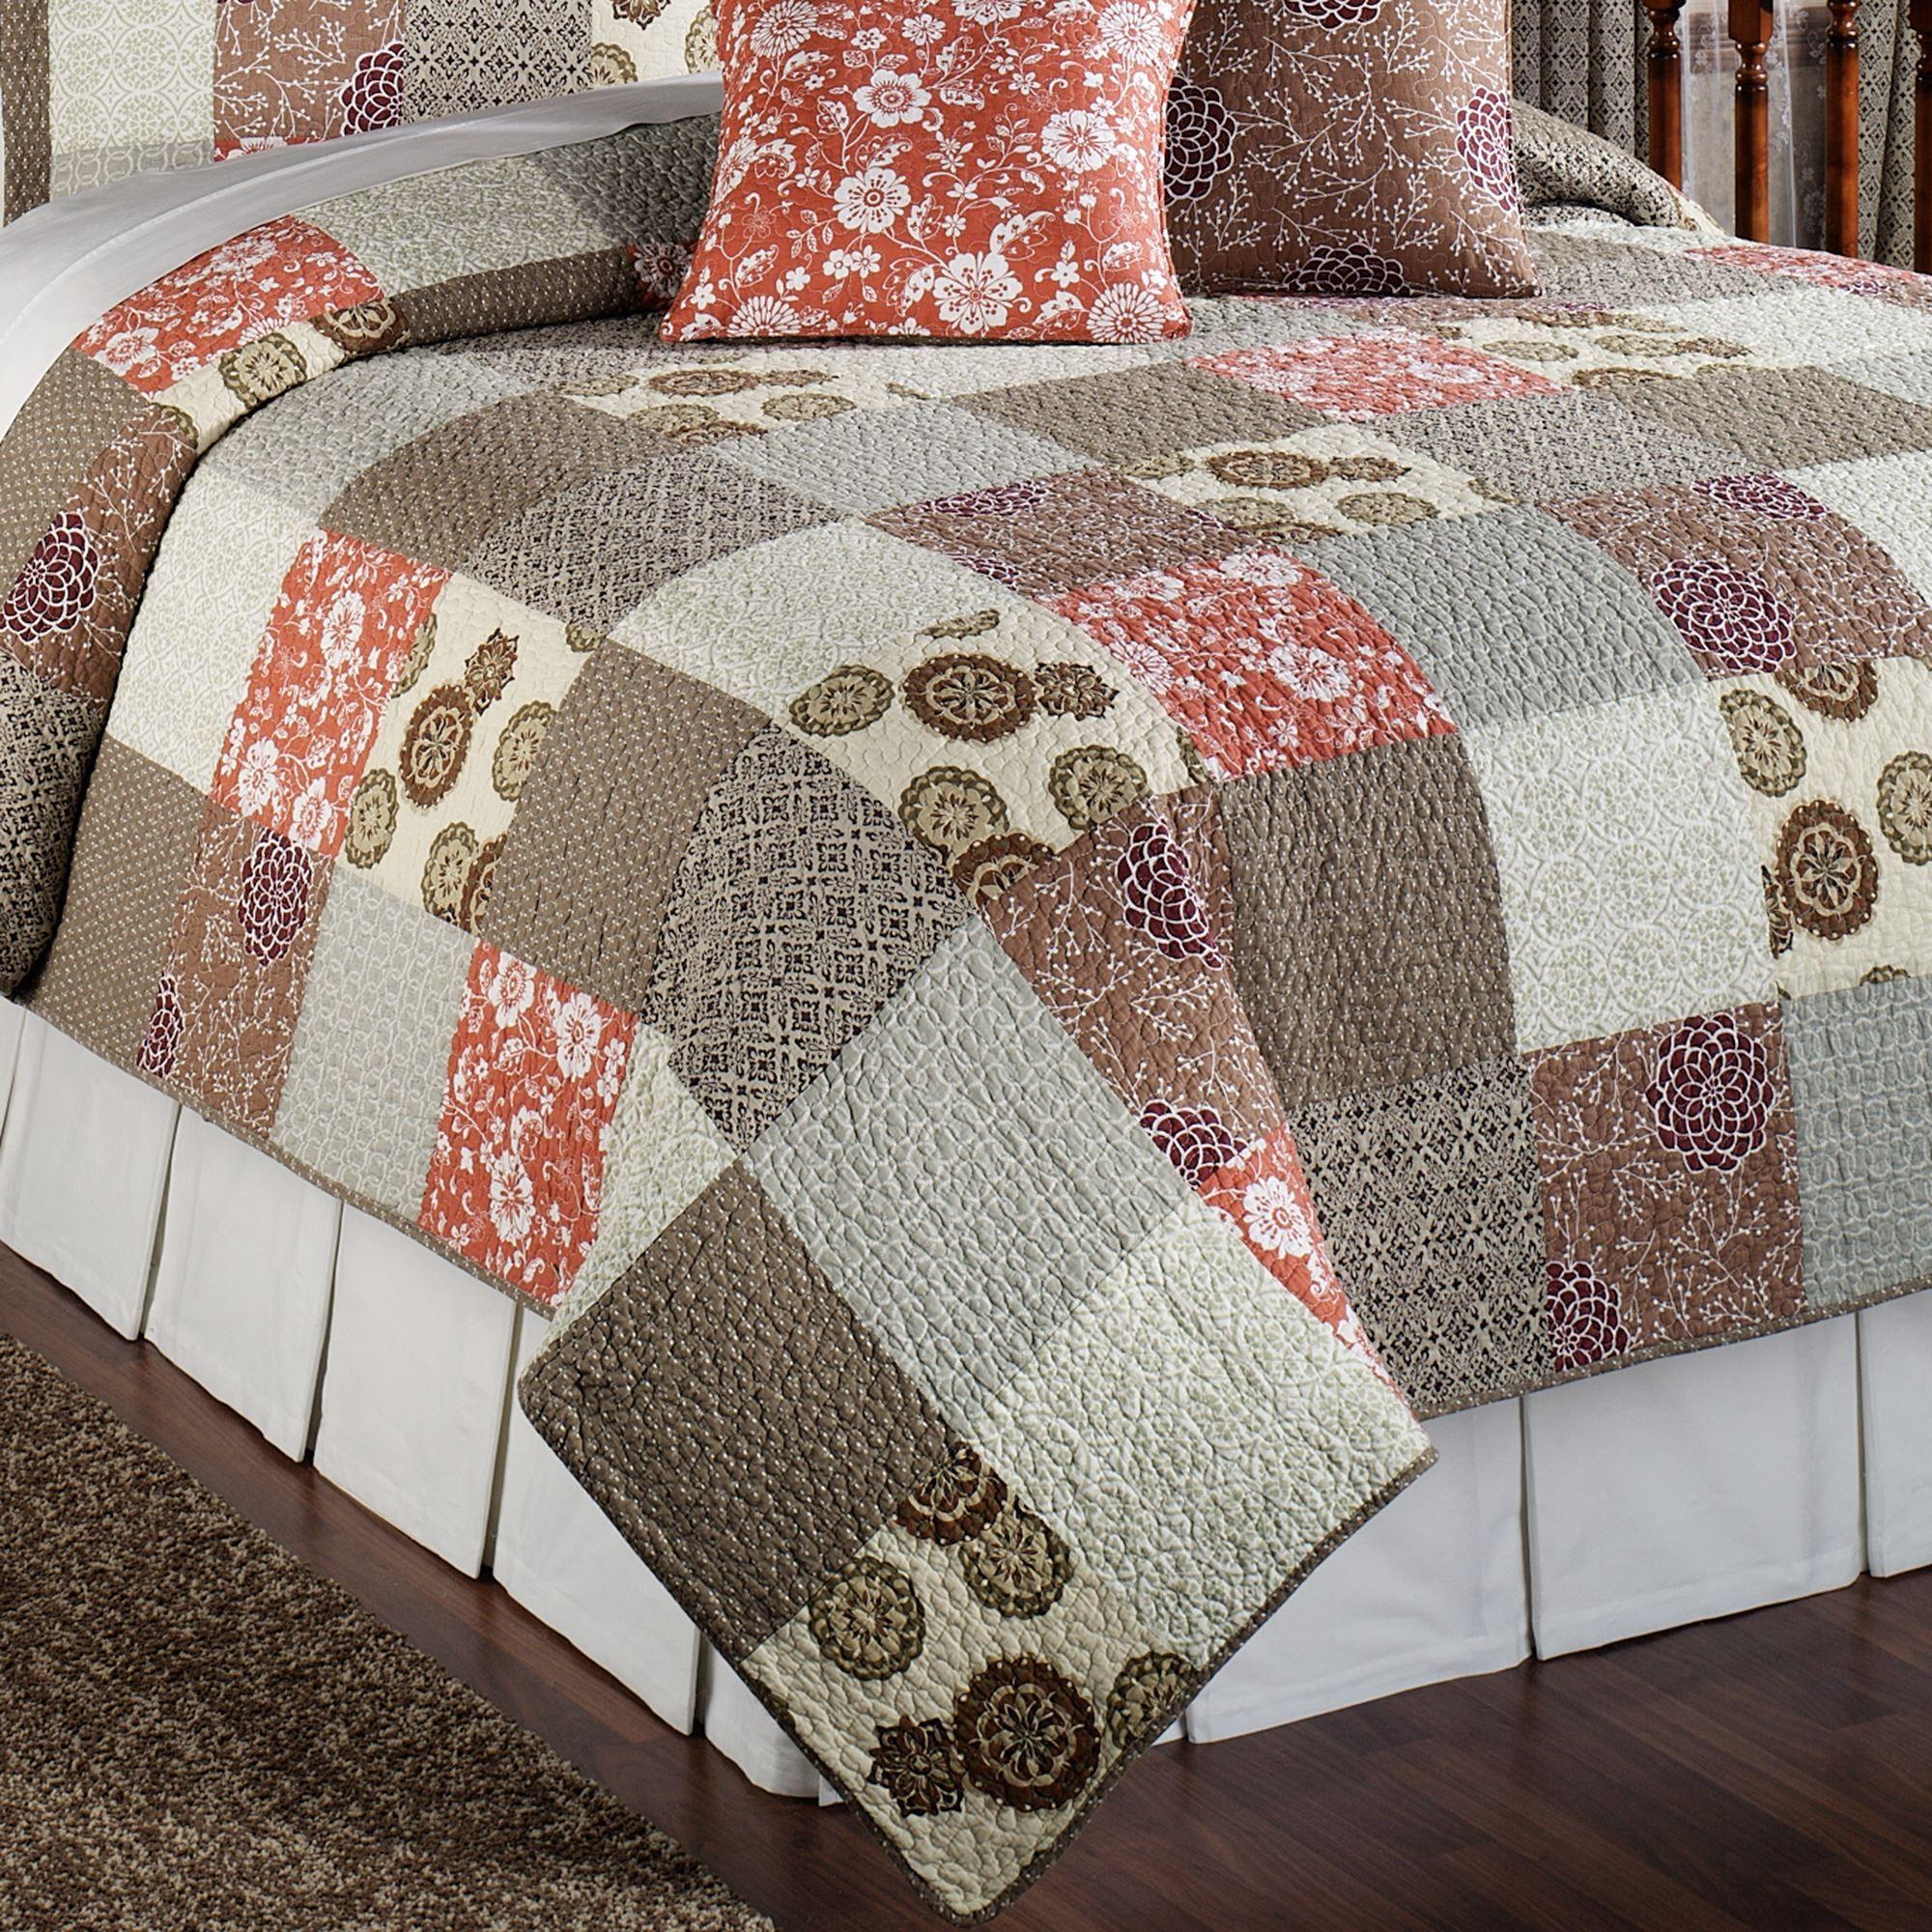 Stella Cotton Patchwork Quilt Bed Set : brown patchwork quilt - Adamdwight.com